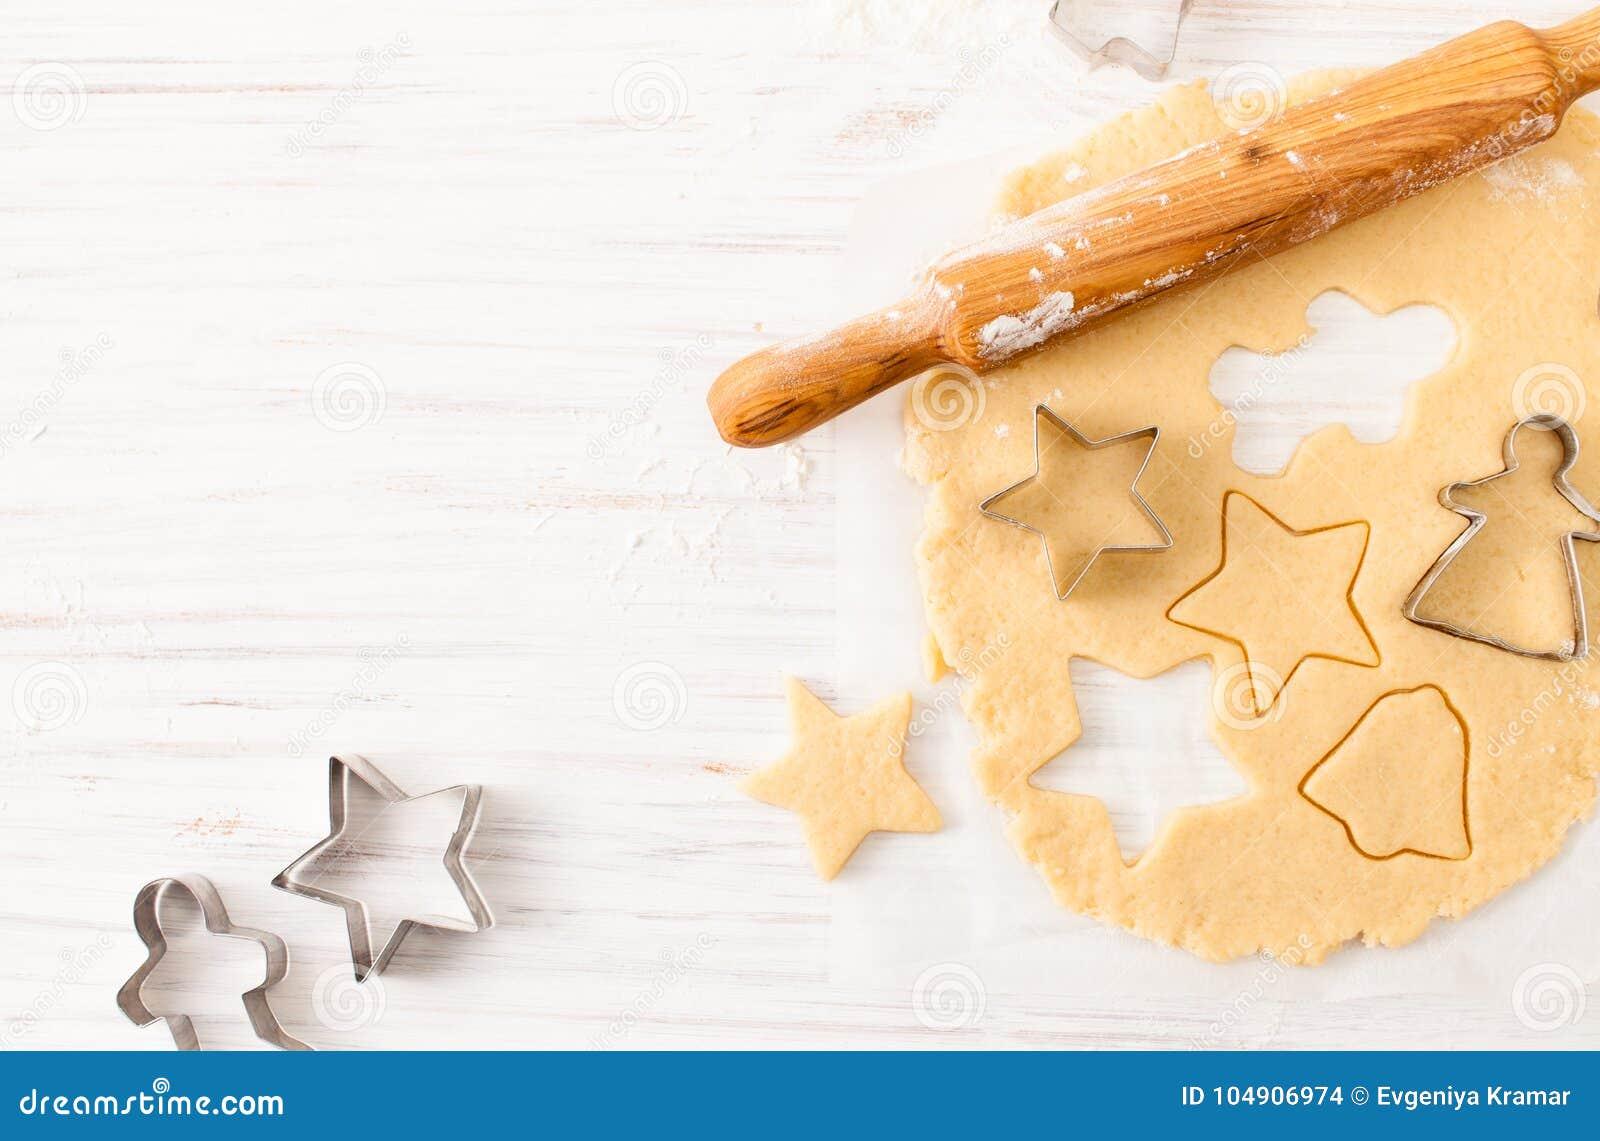 Κόψτε τη μορφή μπισκότων από τη ζύμη στον άσπρο πίνακα Άποψη με το διάστημα αντιγράφων